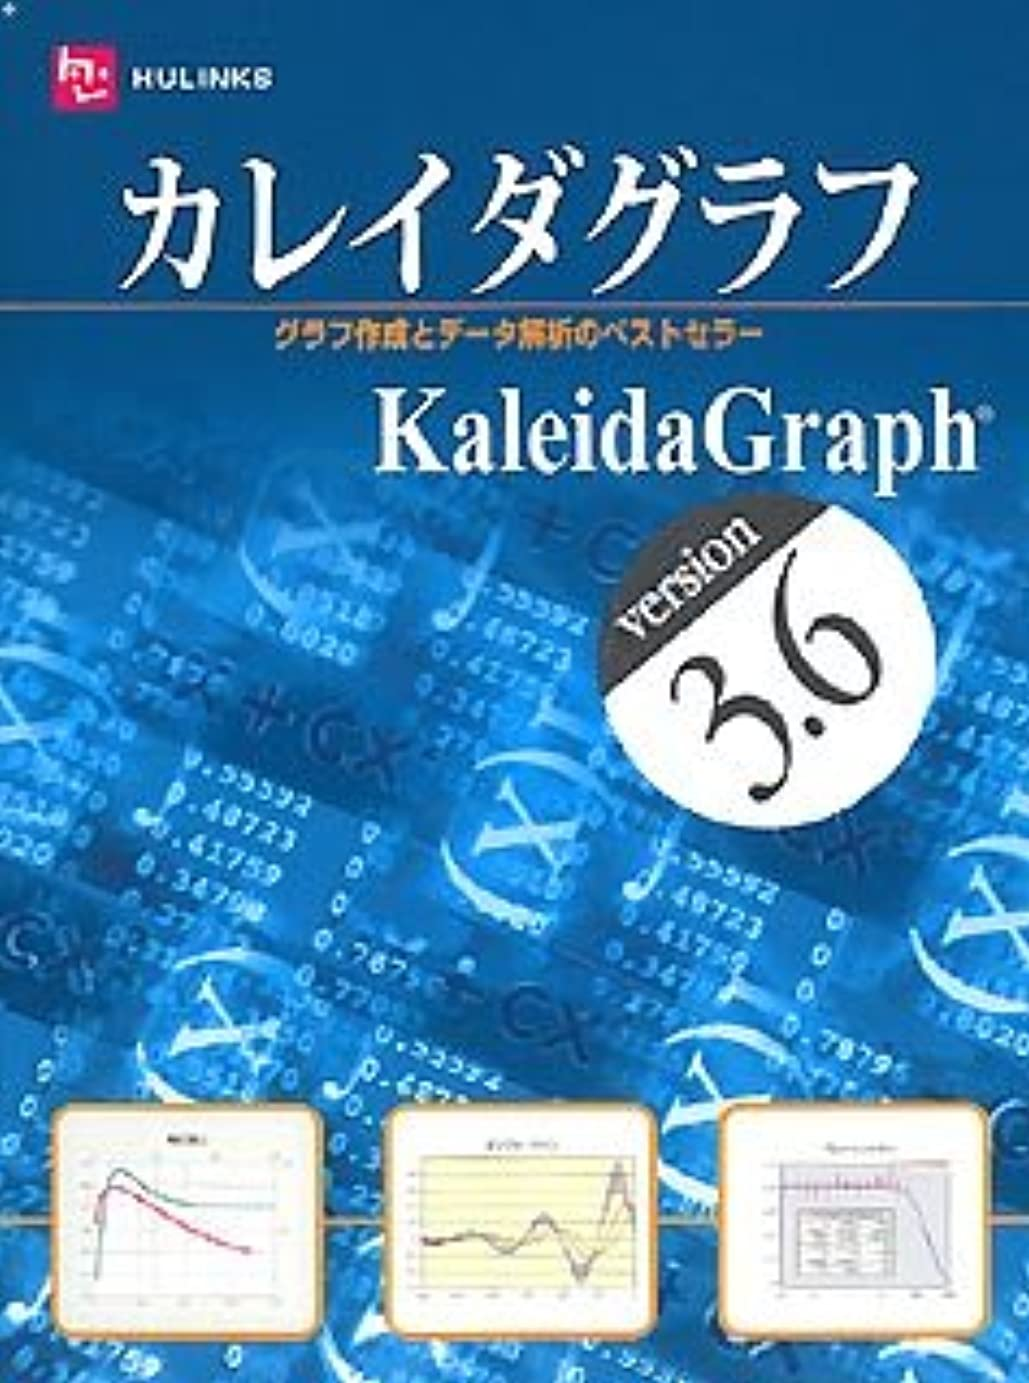 対抗ぶどう抱擁カレイダグラフ Version 3.6